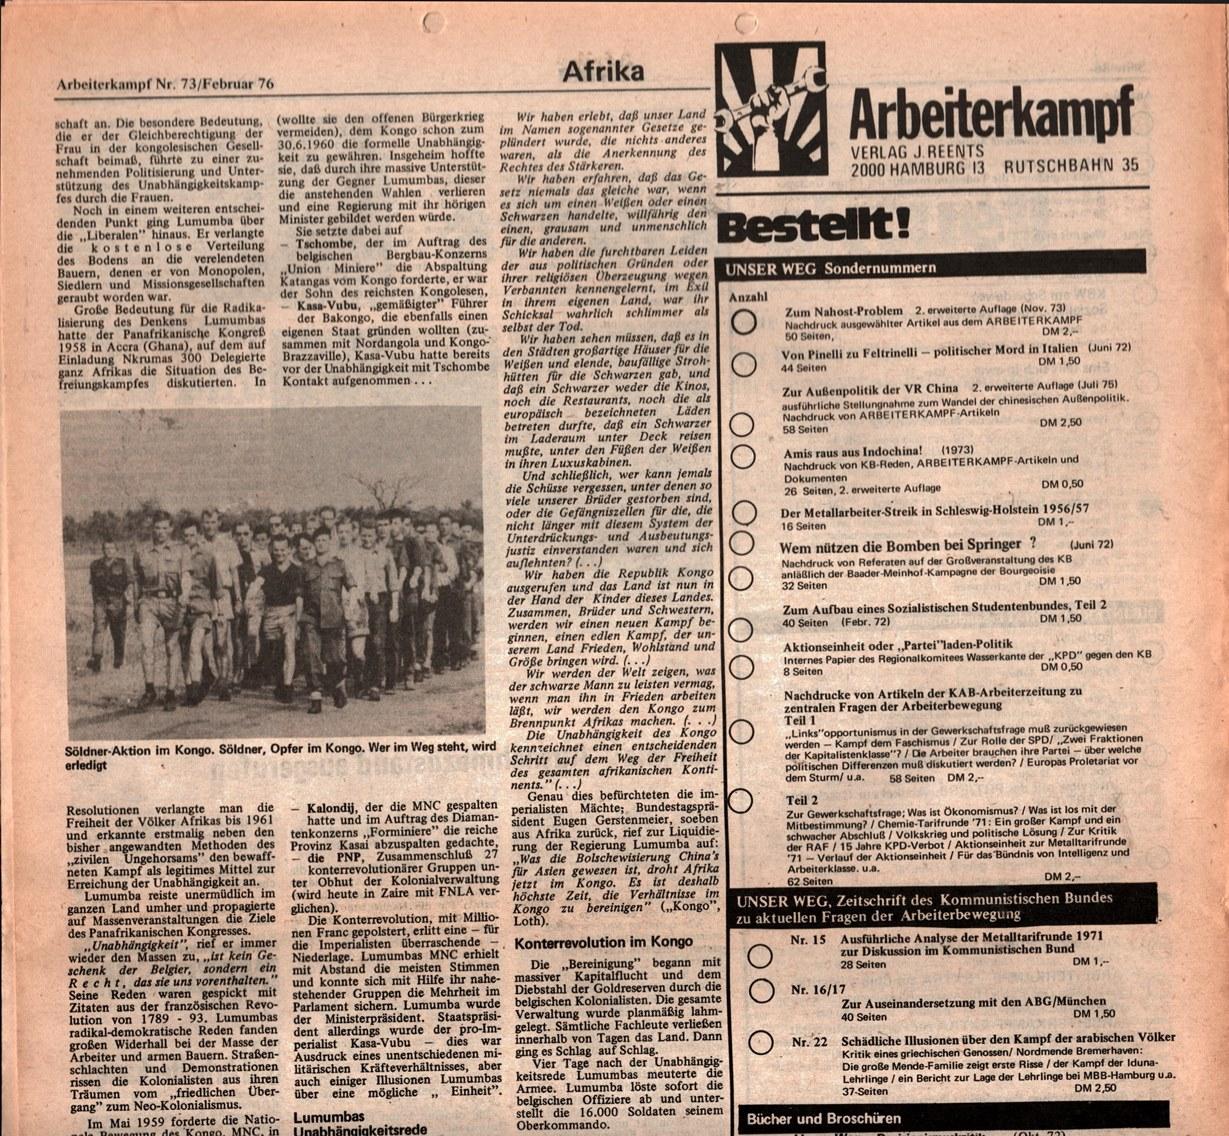 KB_AK_1976_073_069